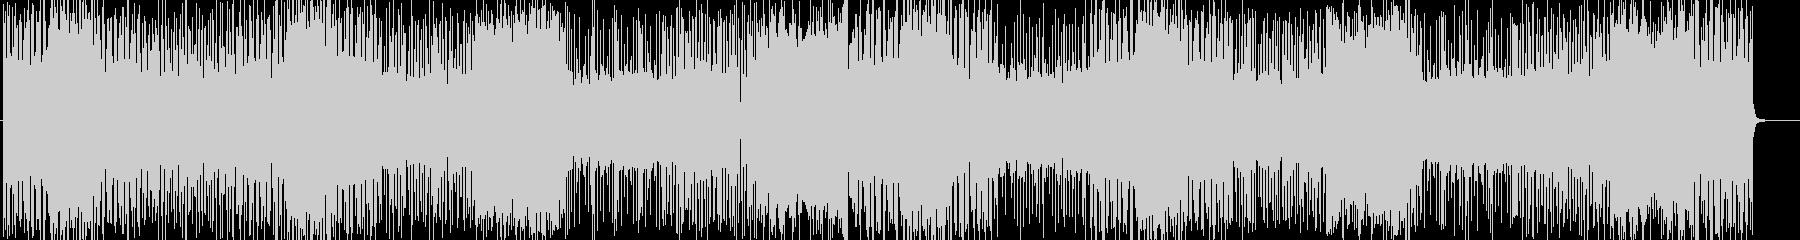 ダークロック、HARD、HEAVY183の未再生の波形